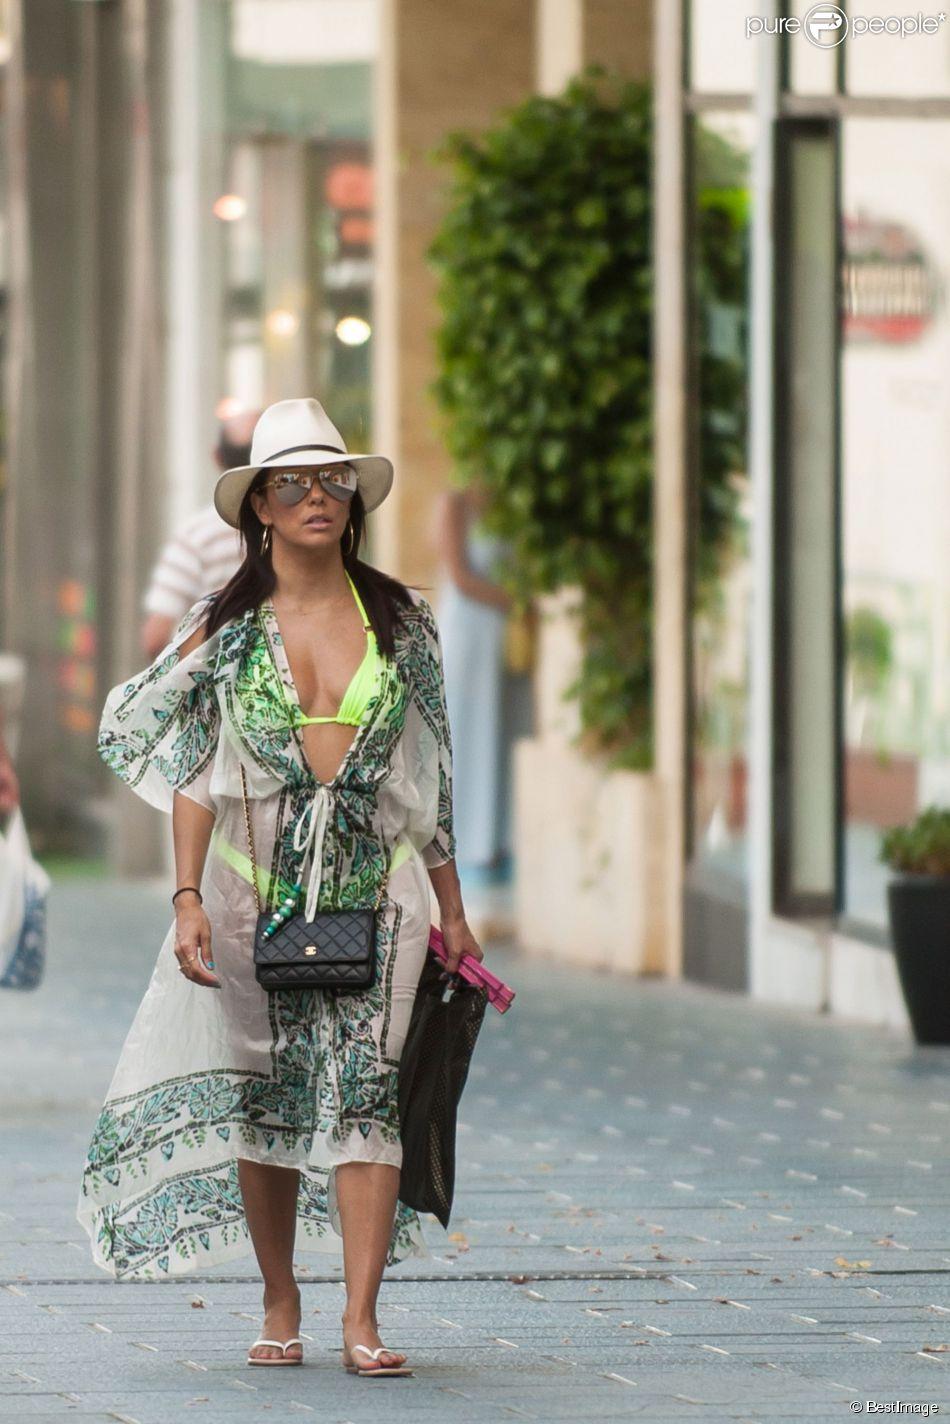 Exclusif - La ravissante Eva Longoria fait du shopping en bikini dans les rues de Marbella en Espagne, le 4 juillet 2015